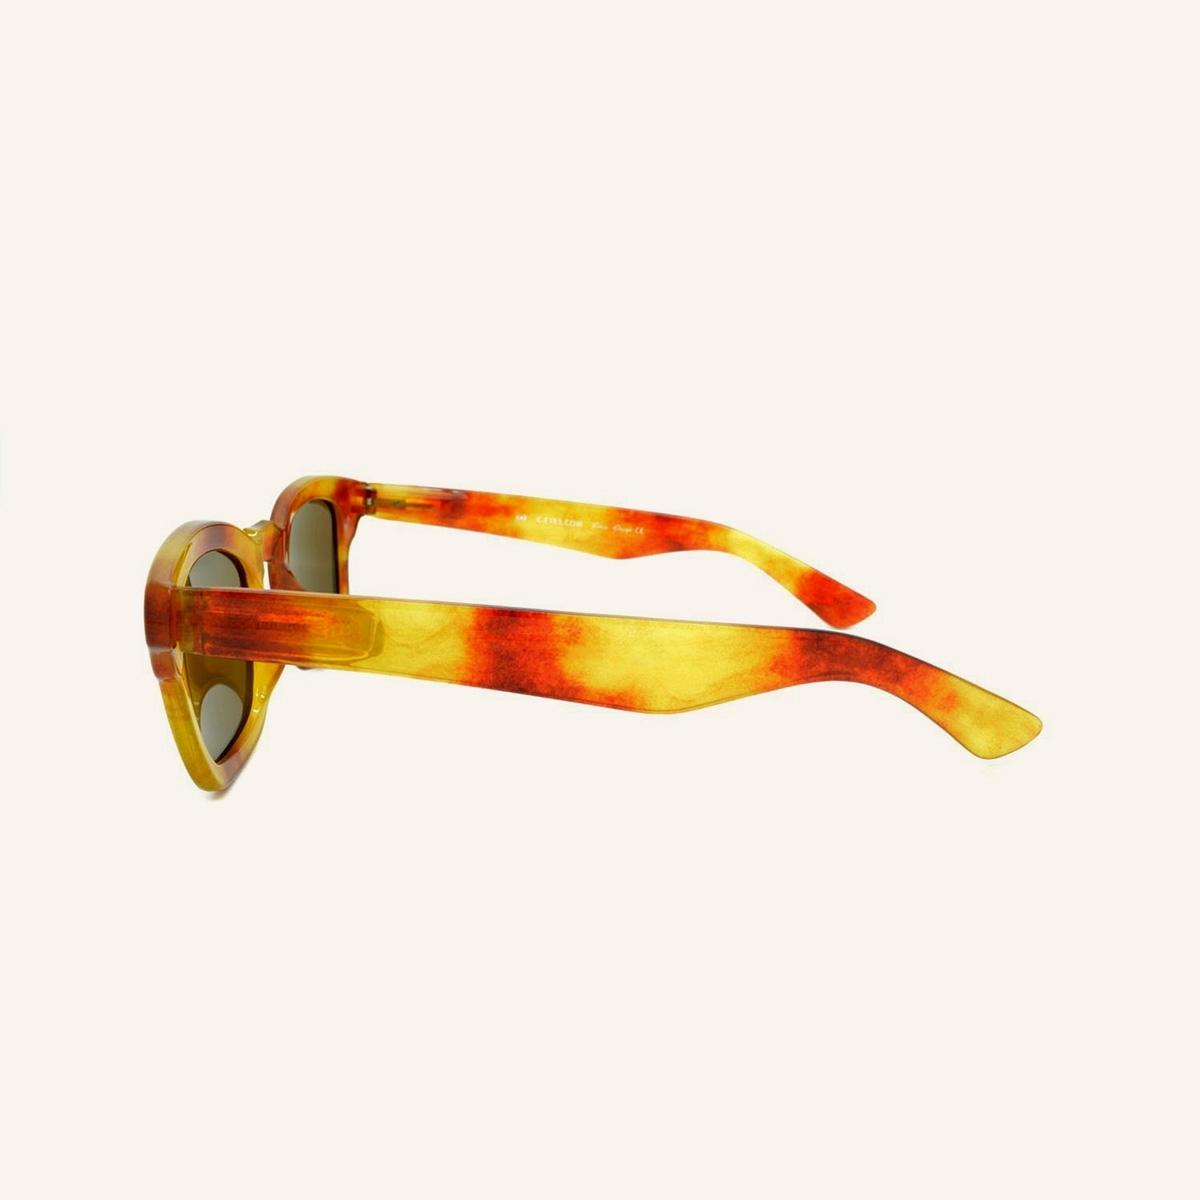 Polarized Cat-eye sunglasses